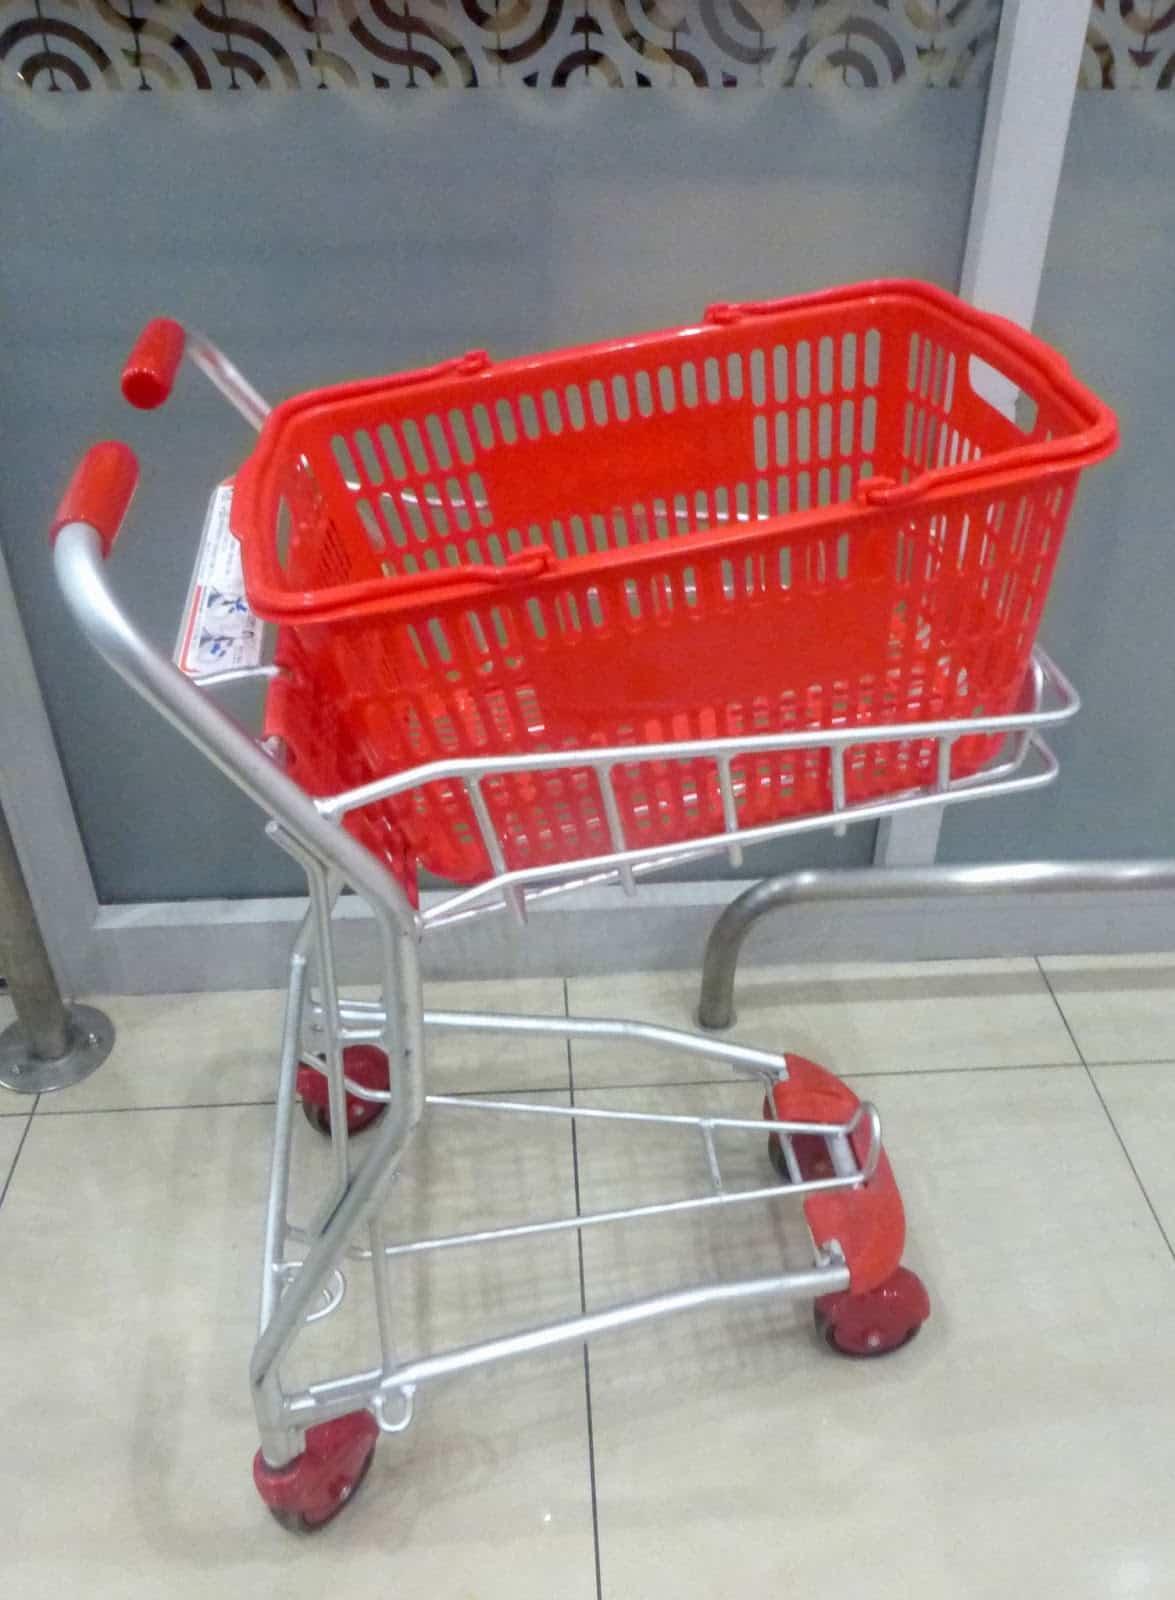 xe đẩy đựng giỏ hàng ở siêu thị nhật bản